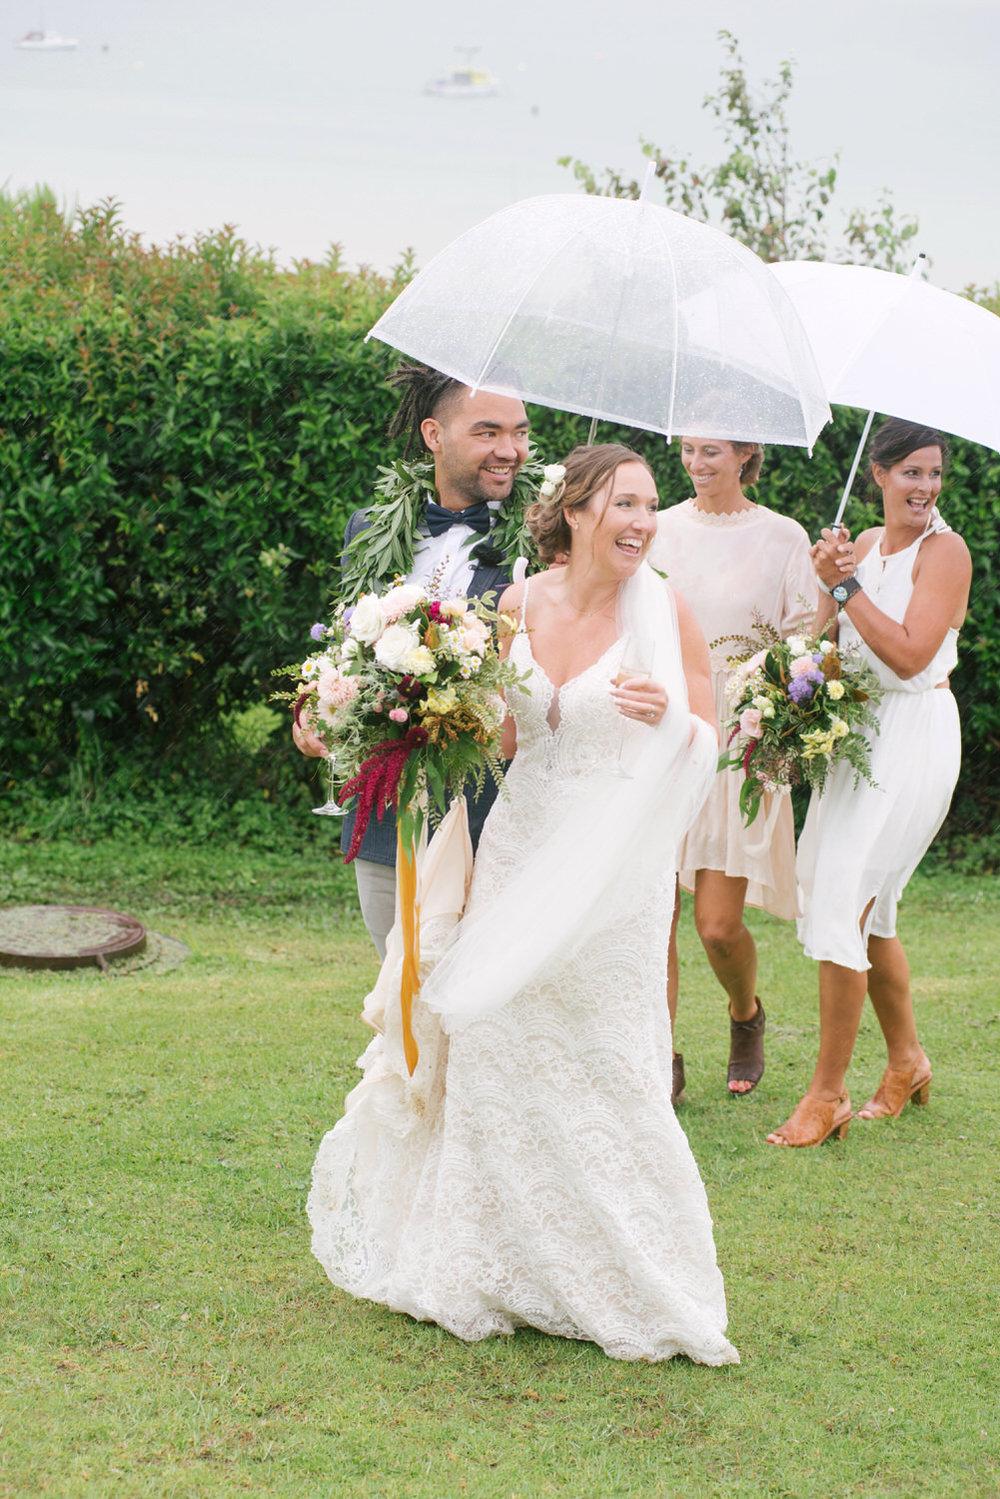 Bottega53©-new zealand wedding - lynsday&dillan-31.JPG